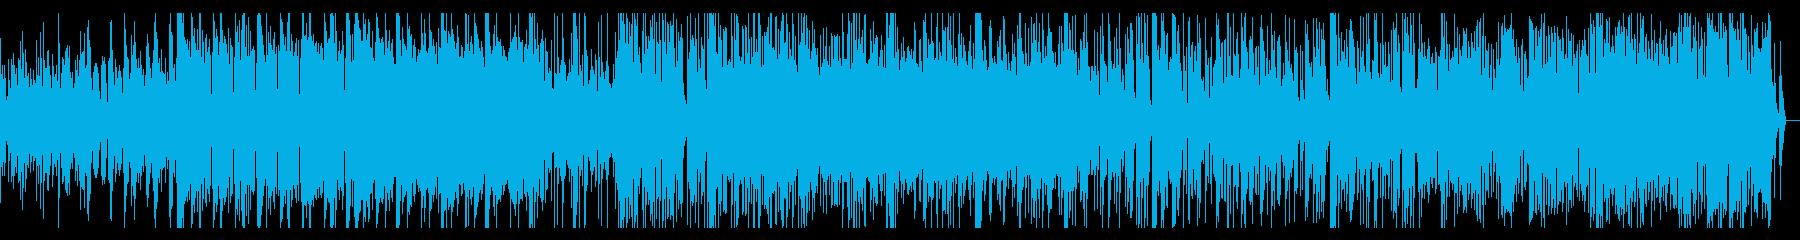 グリッジの効いたノスタルジックなIDMの再生済みの波形